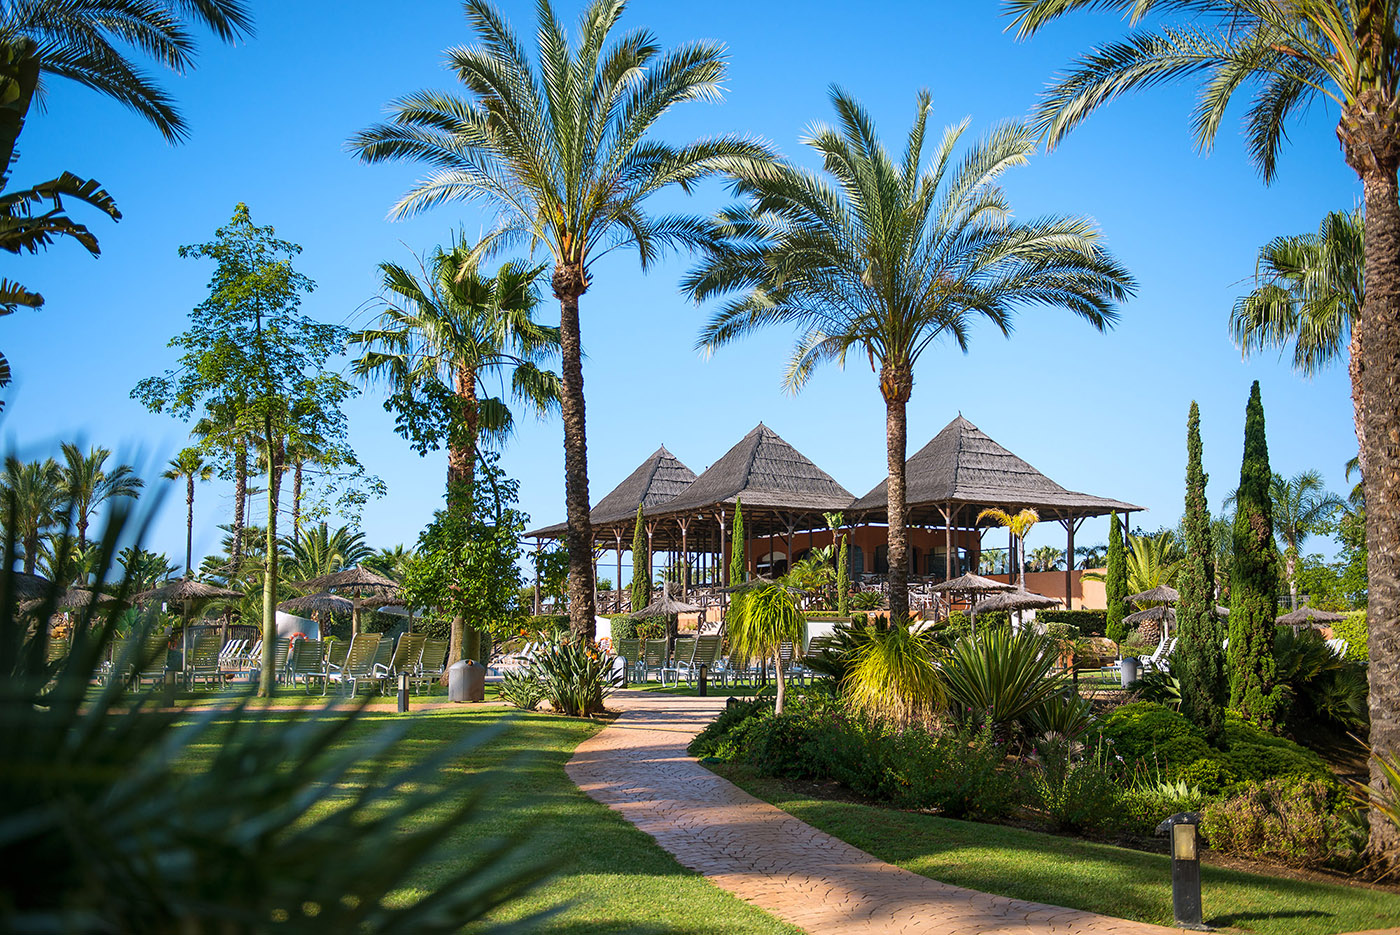 Puerto Antilla Grand Hotel 4  estrellas